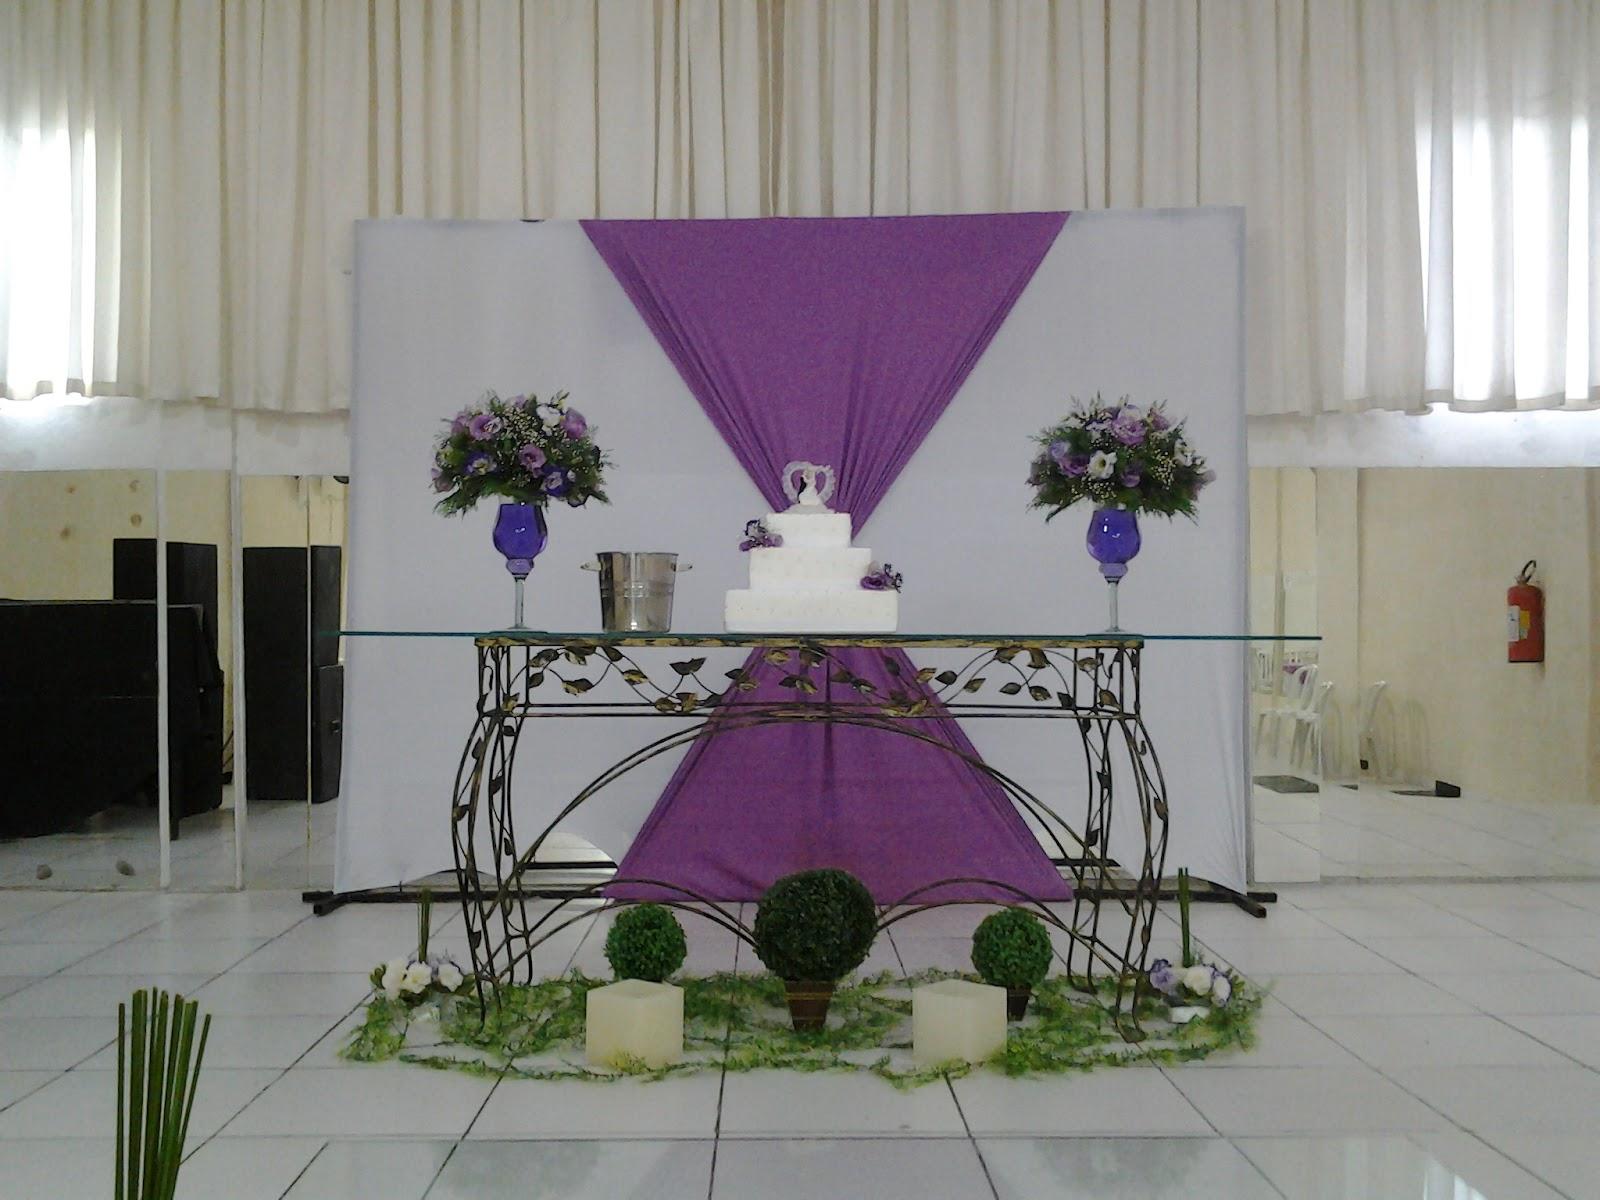 decoracao branco e lilas para casamento: Decorações: Decoração de Casamento Lilas e Branco 21/01/12